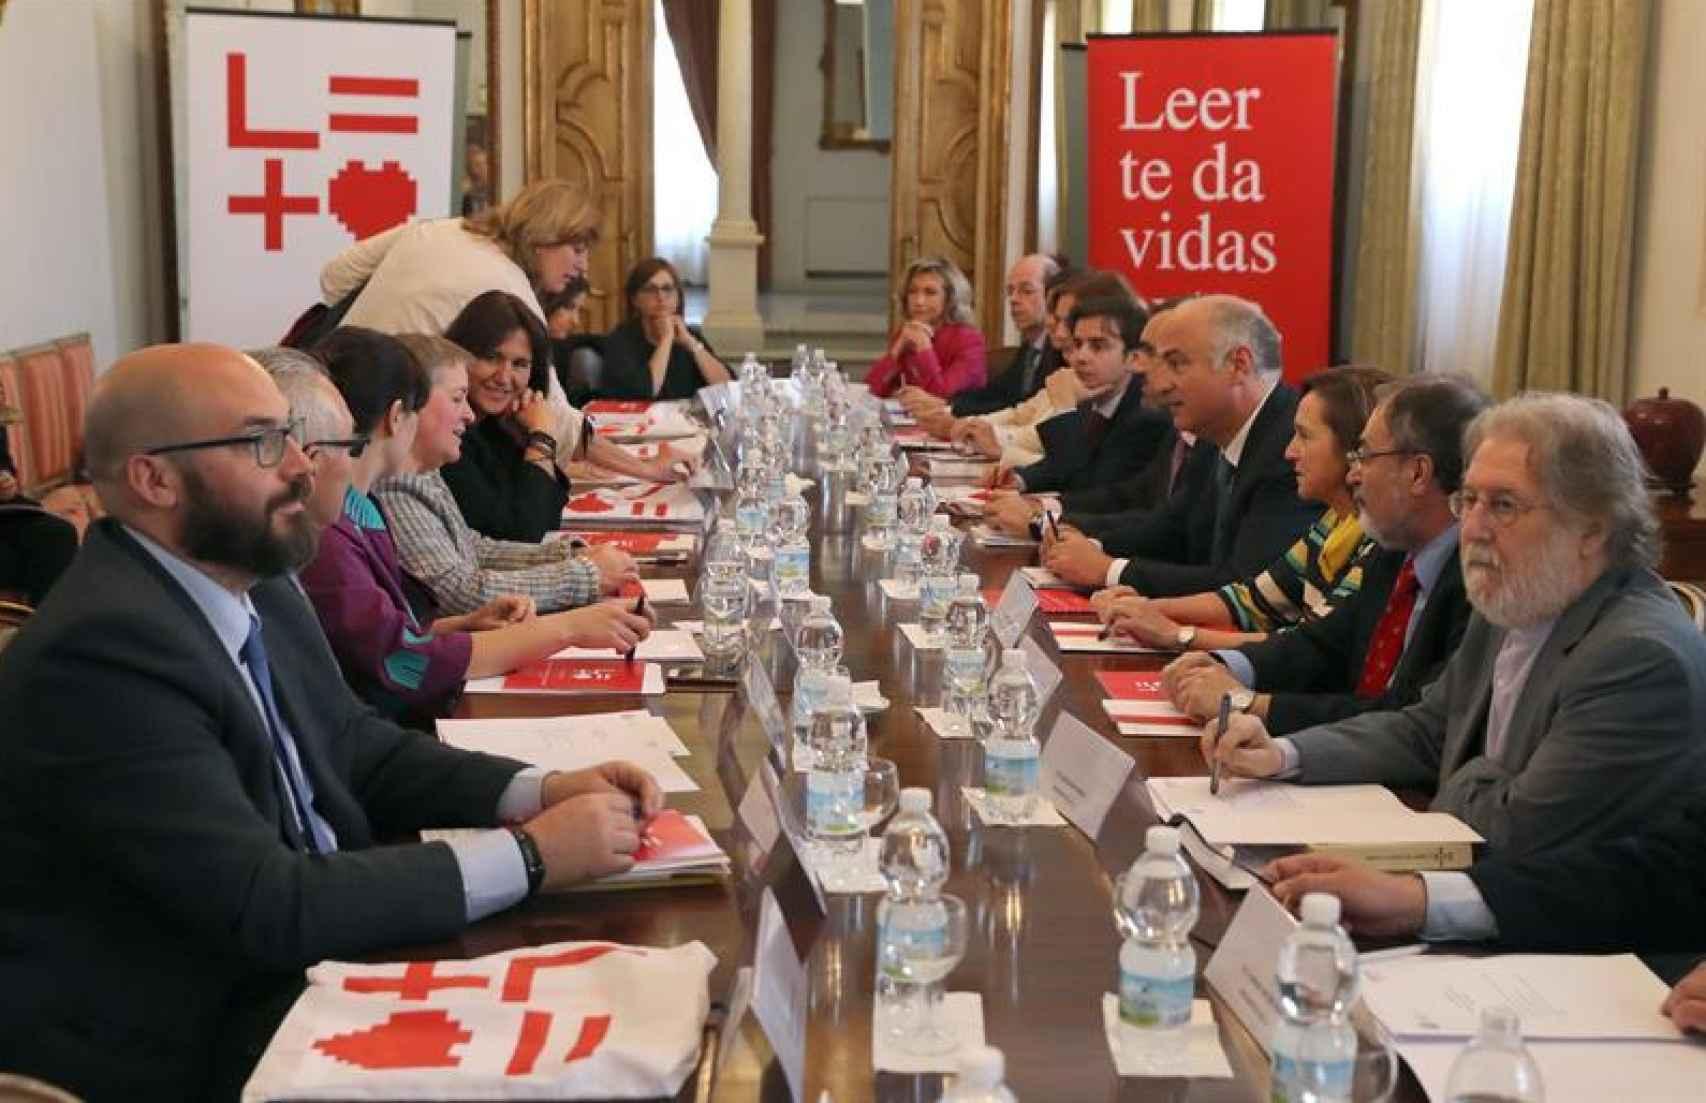 Los integrantes del Observatorio del libro reunidos en la Secretaría de Estado de Cultura.